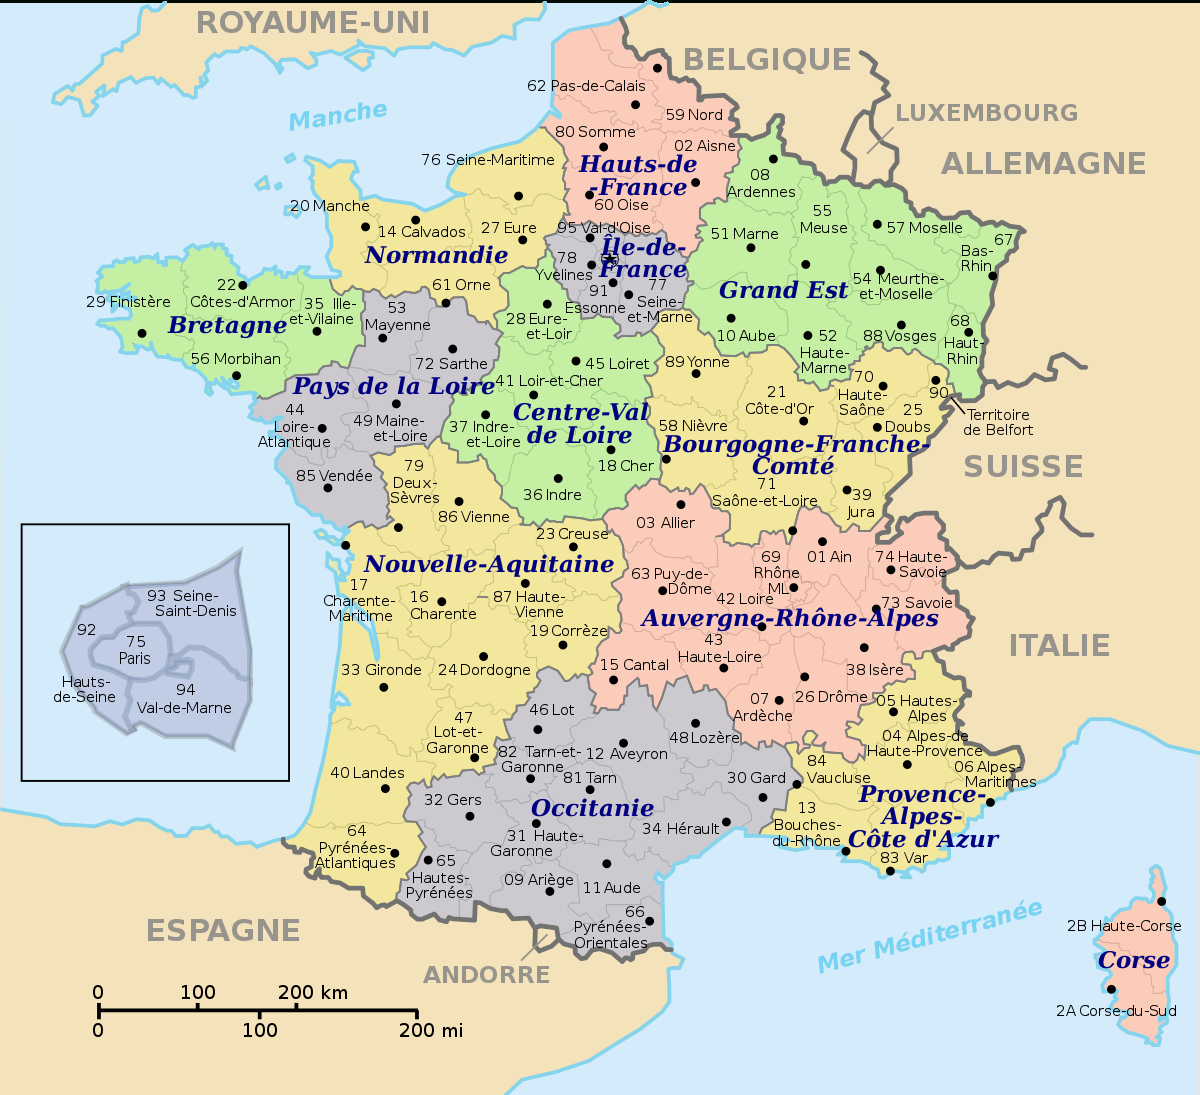 Numérotation Des Départements Français — Wikipédia encequiconcerne Combien De Departement En France